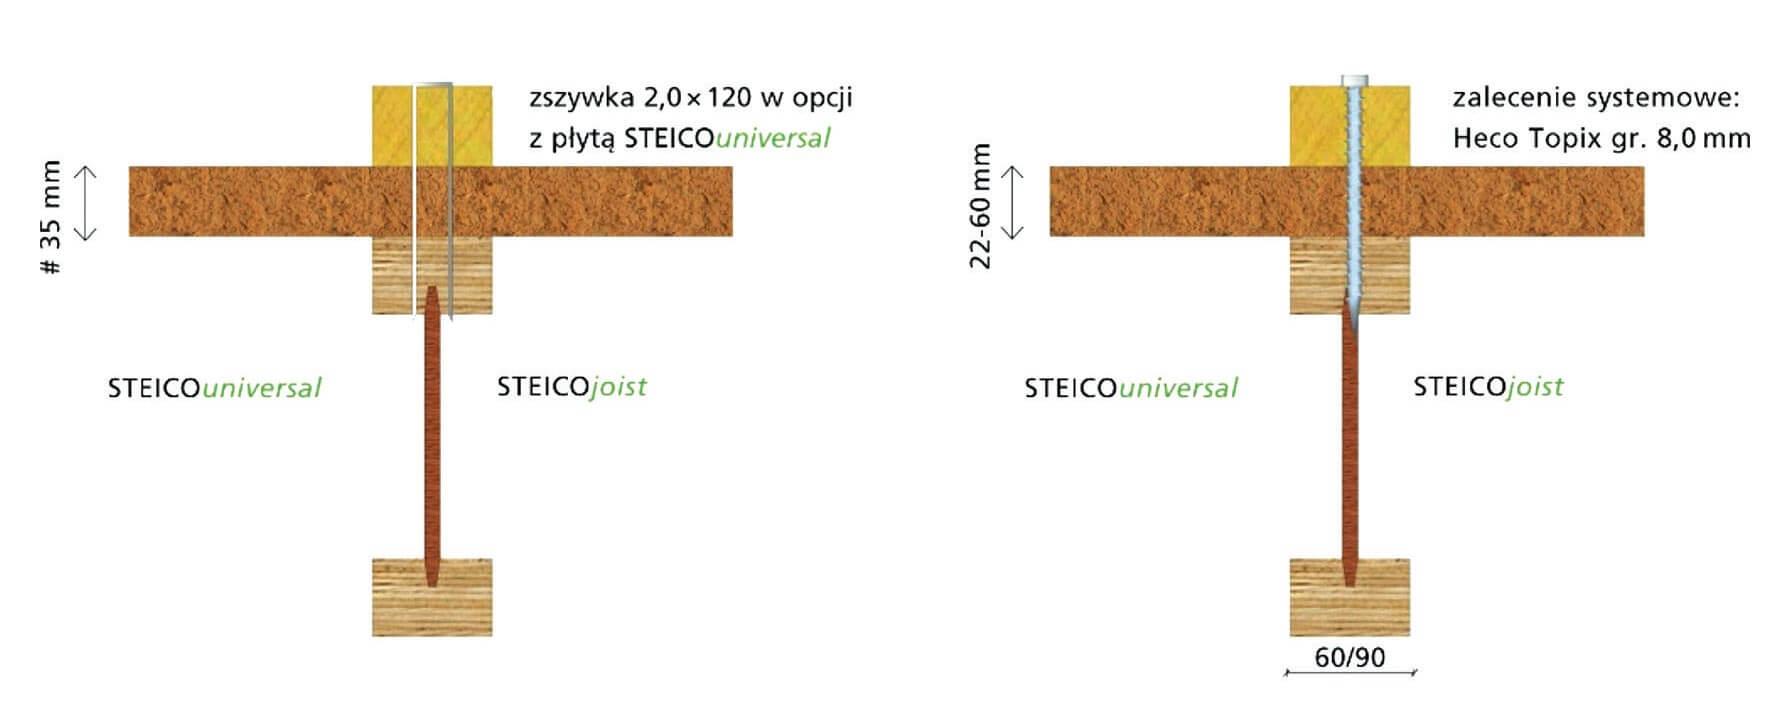 Mocowanie właściwe płyt STEICOuniversal poprzez kontrłaty do krokwi. Płyty nakrokwiowe STEICO